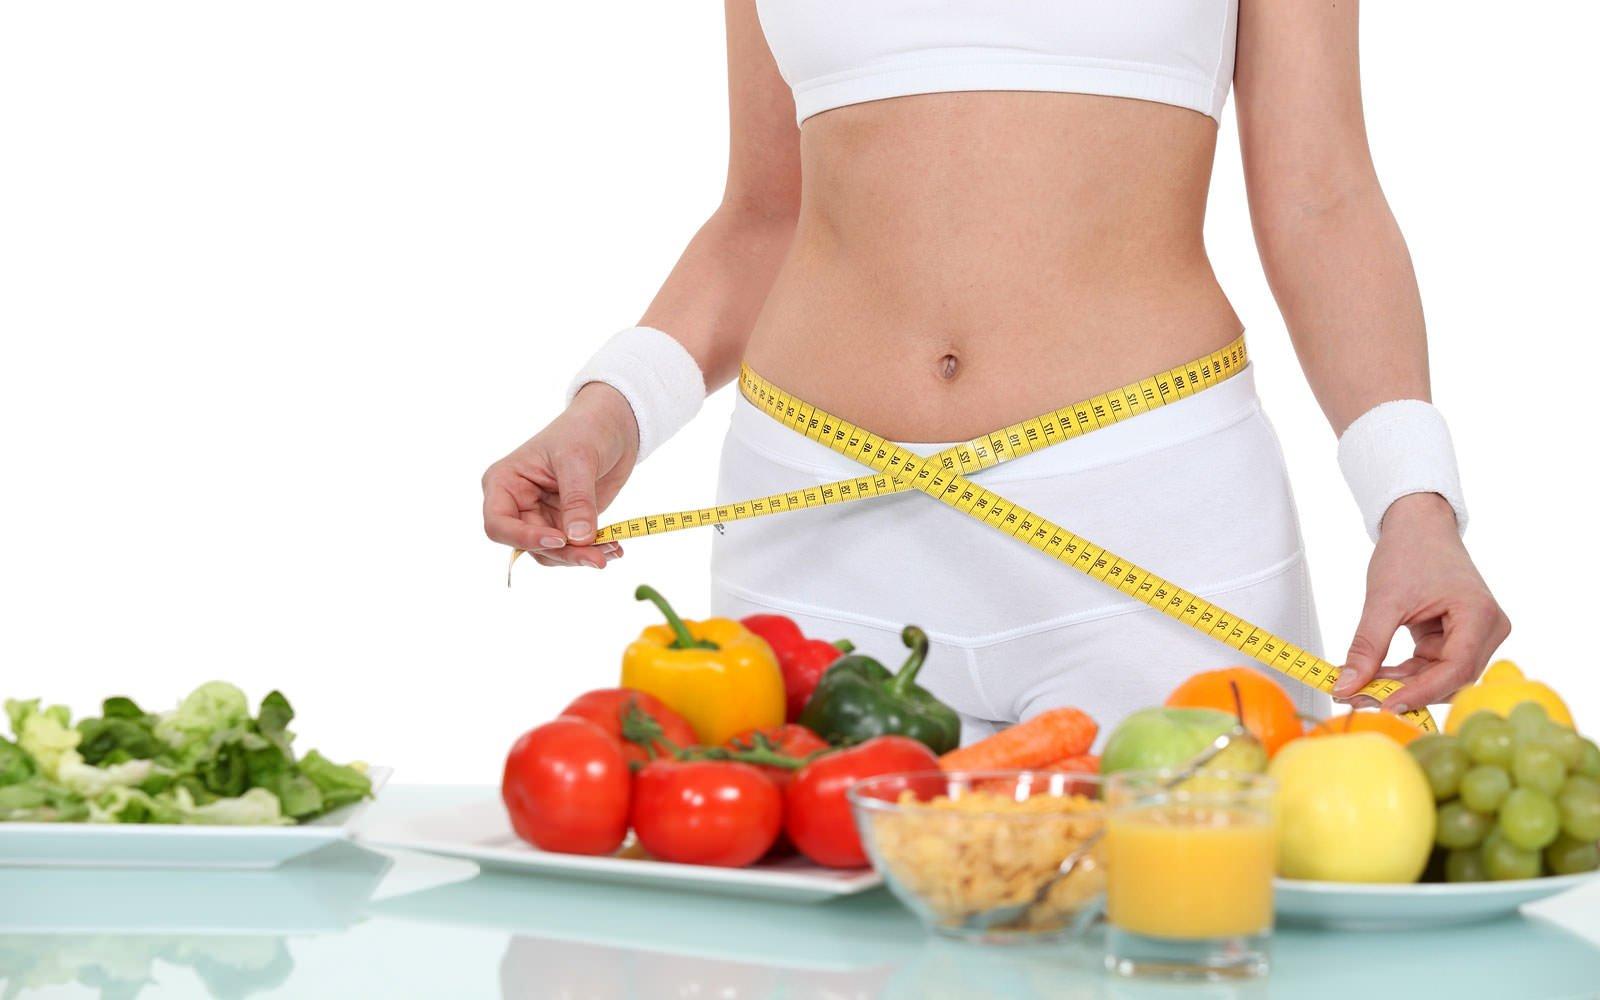 Картинки На Похудение. Самые прикольные картинки про диету (50 фото)